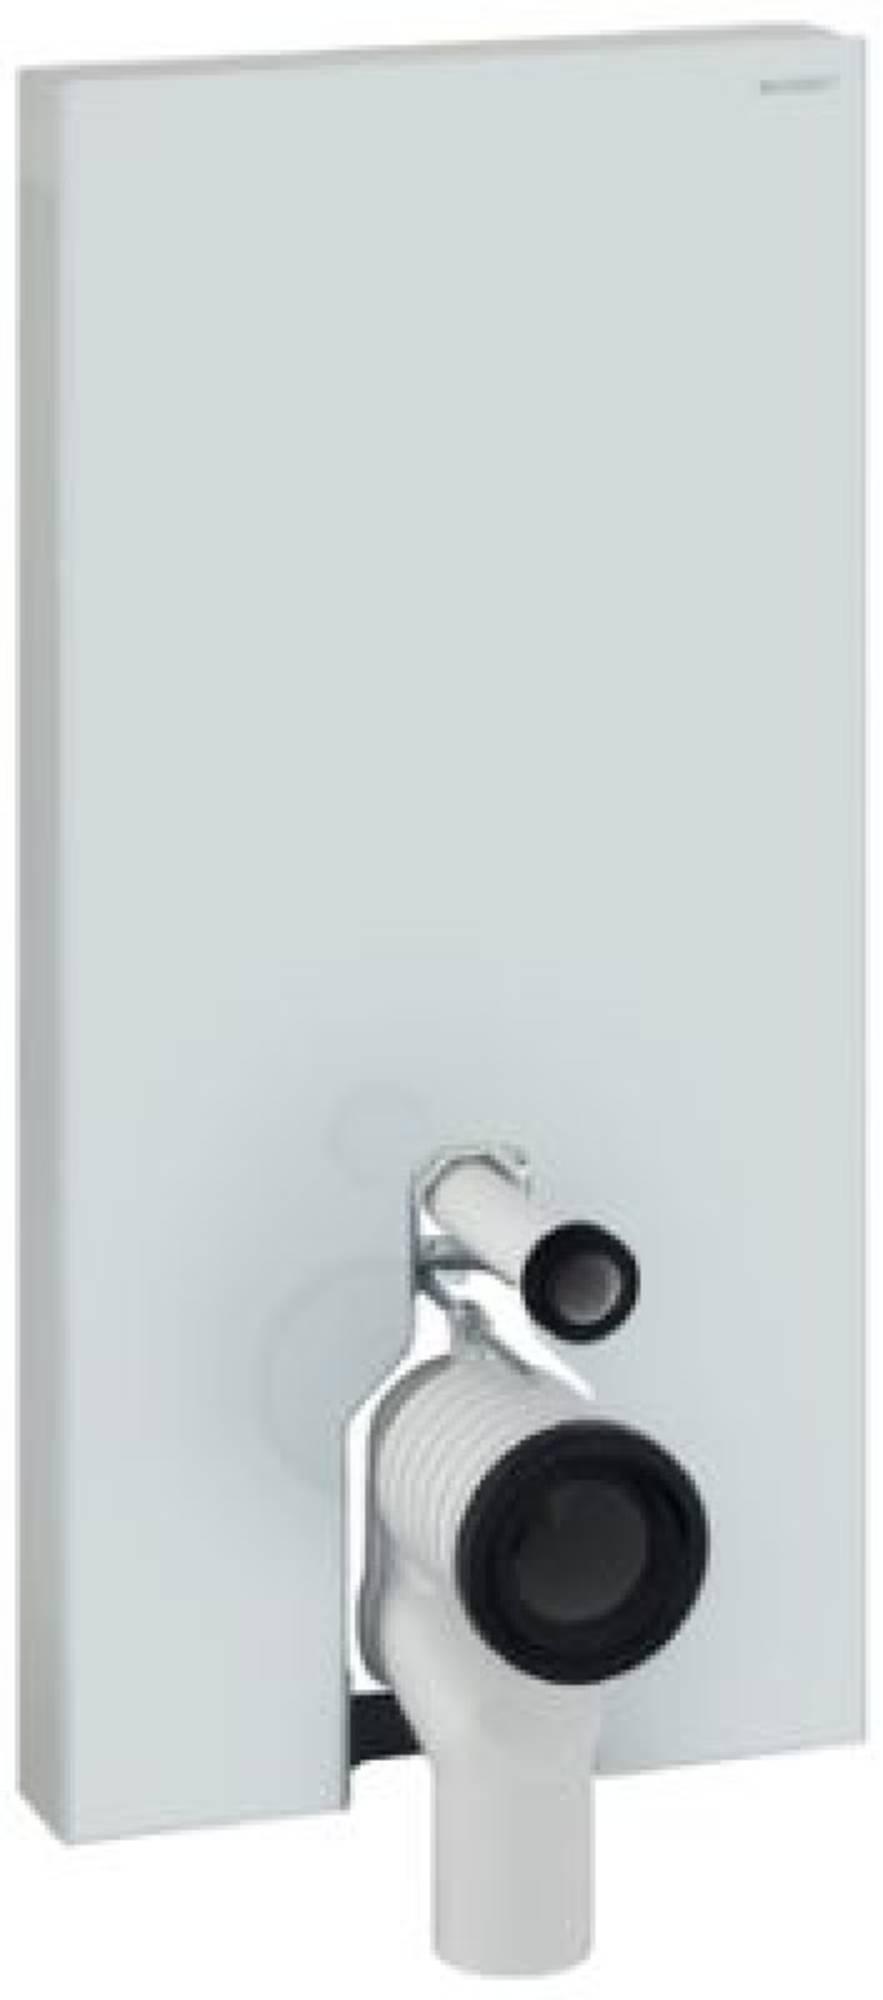 Geberit Monolith plus module voor staand closet h101 glas umbra aluminium